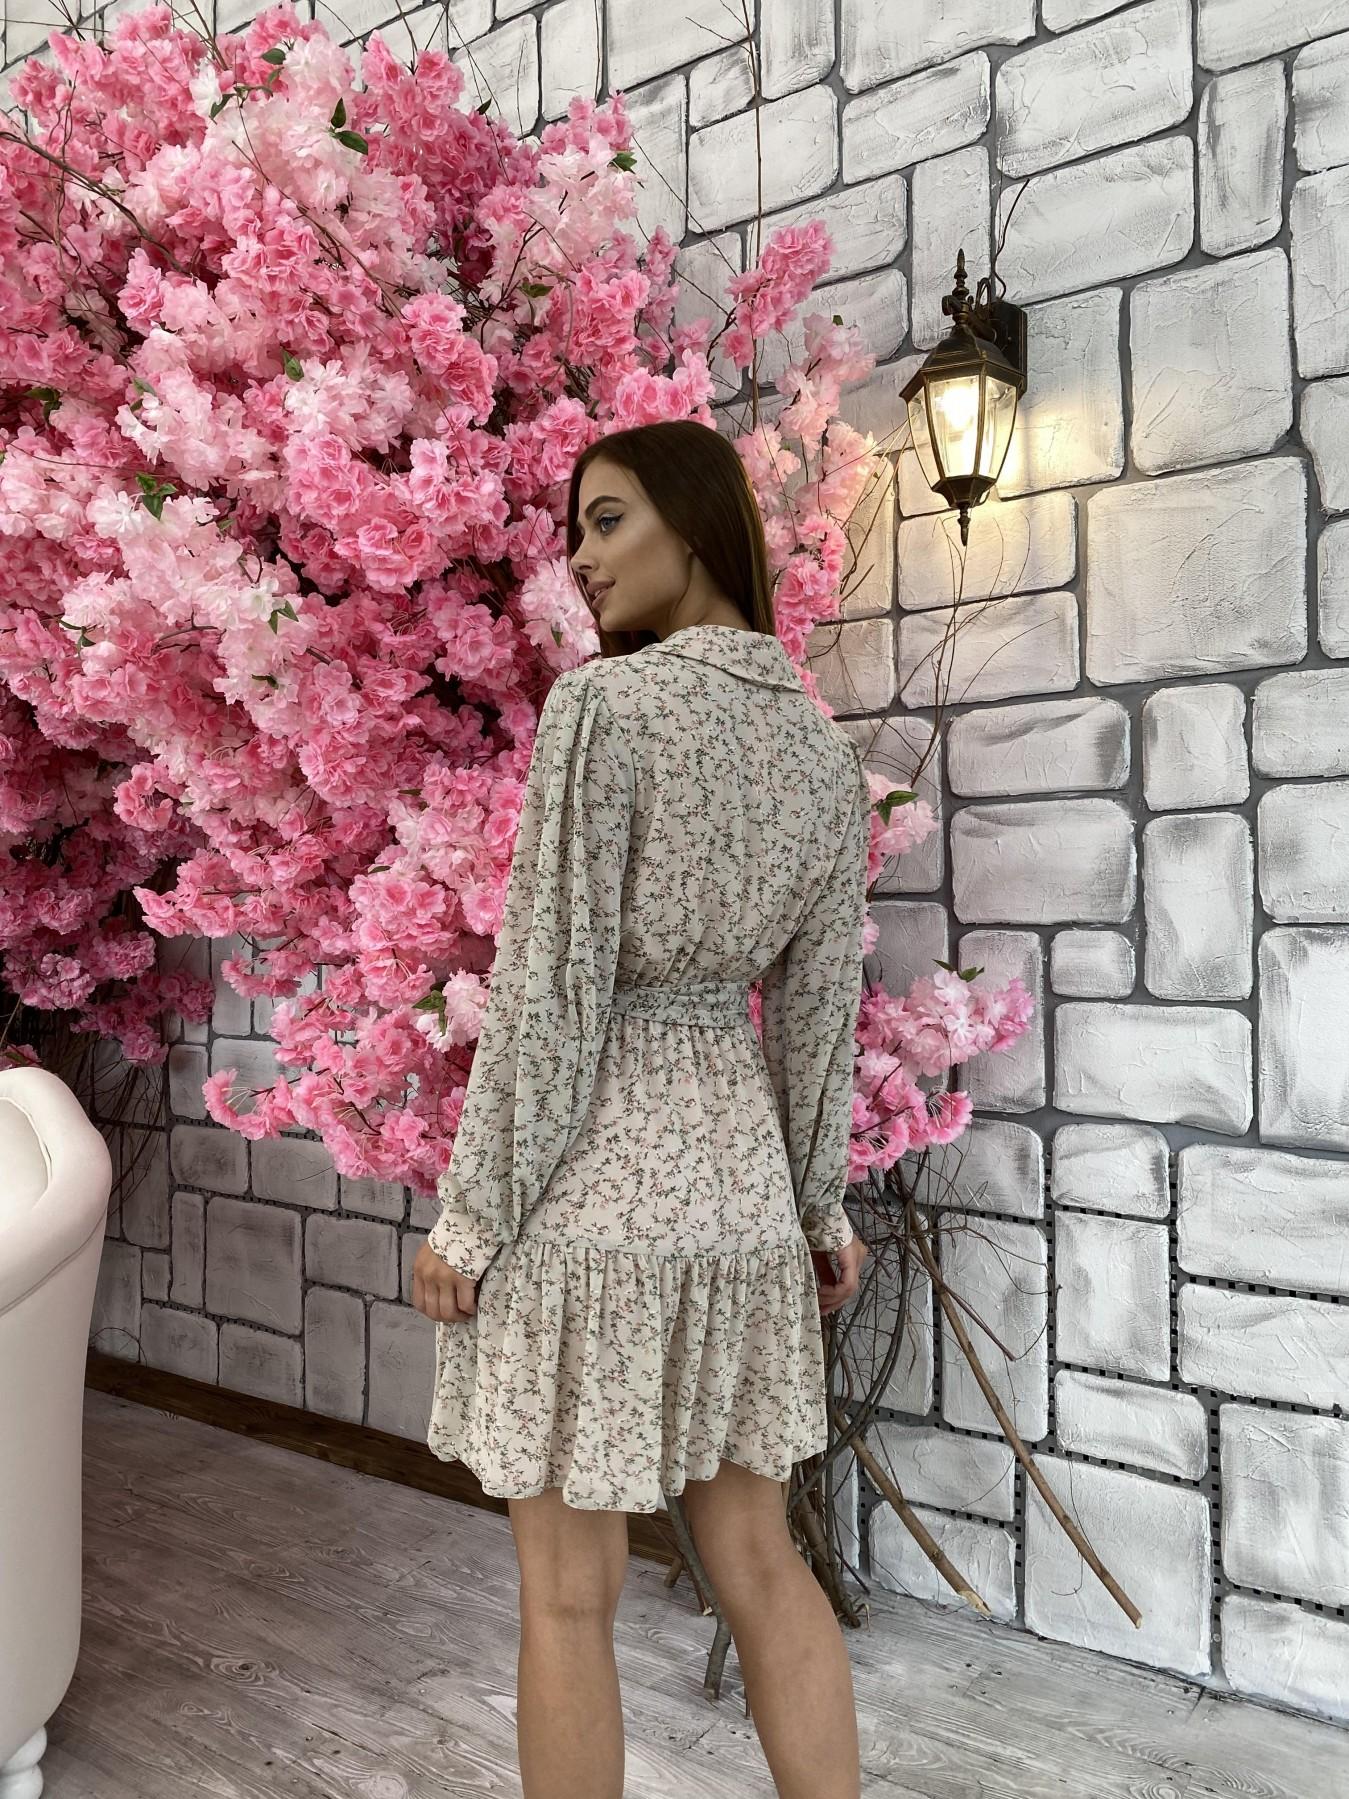 Молизе платье из шифона длиной мини с длинным рукавом в цветочной расцветке 11683 АРТ. 48412 Цвет: Бежевый/букетики - фото 6, интернет магазин tm-modus.ru